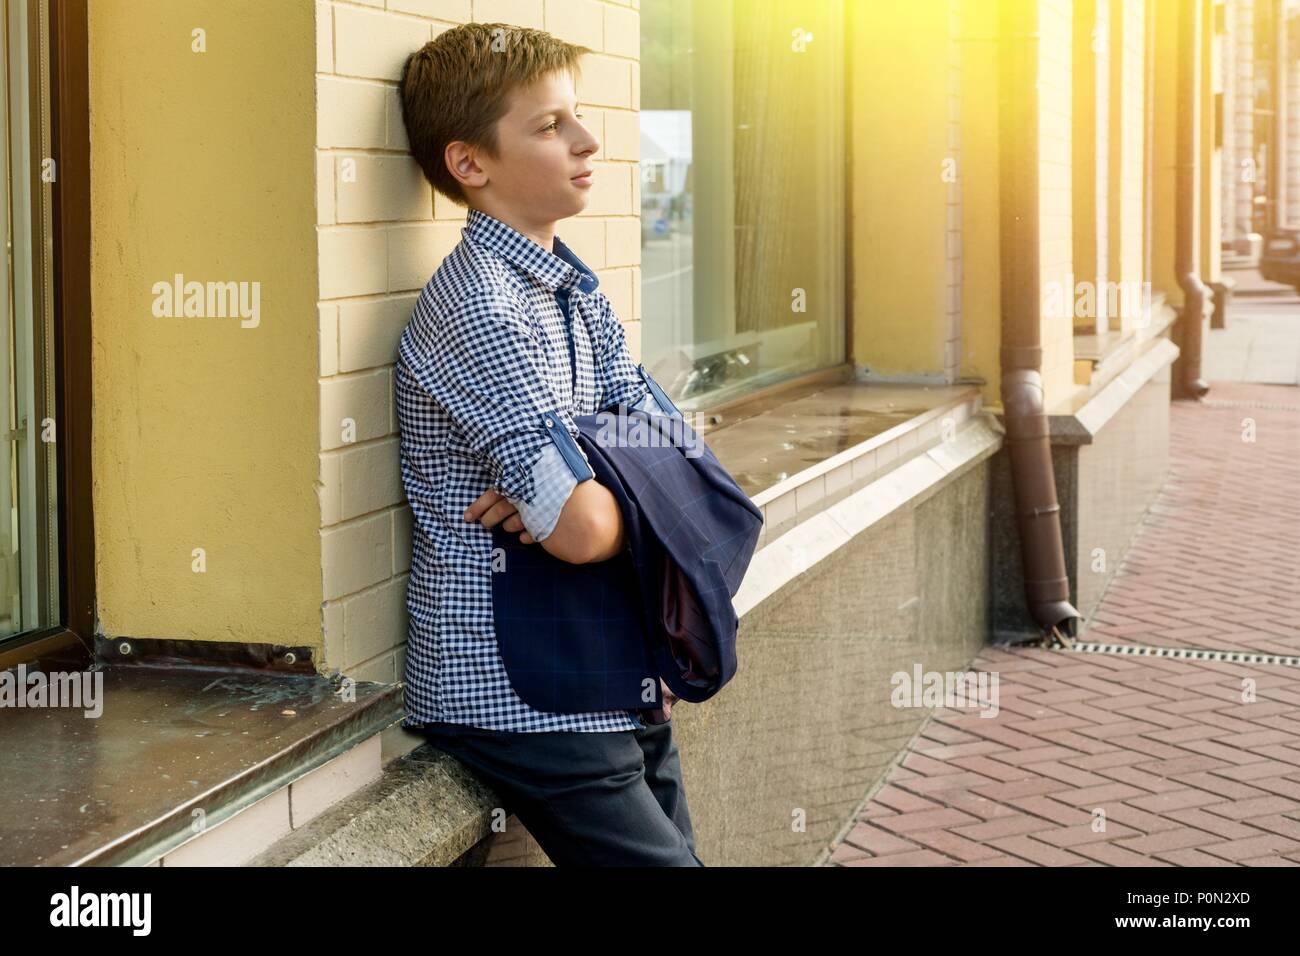 Porträt eines jungen Teenager 13-14 Jahre alt. Stockbild